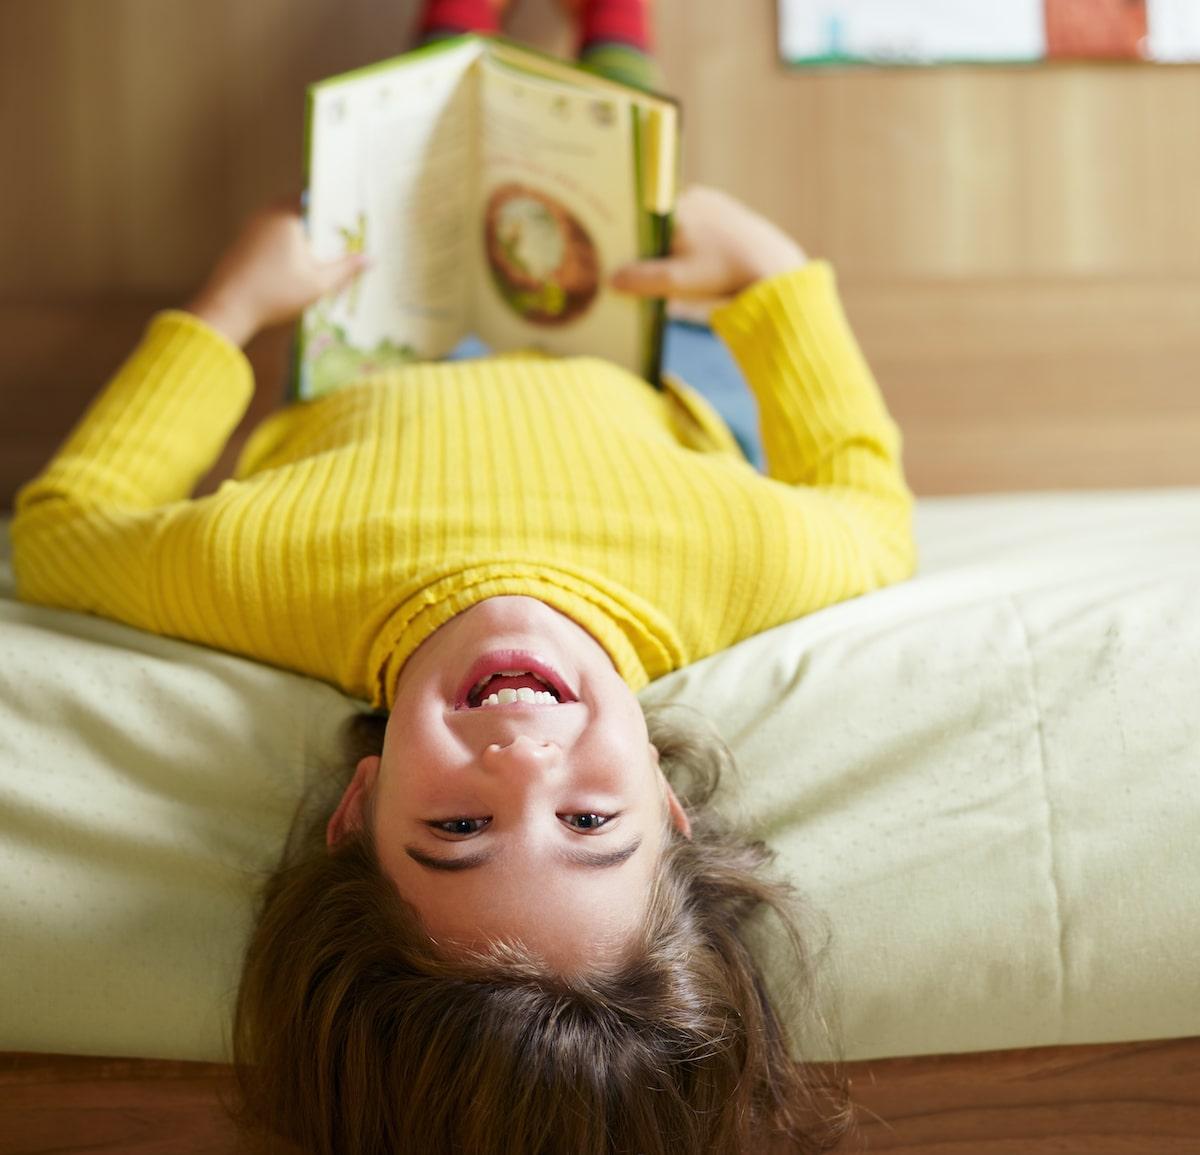 Купить книги для детей 4-5 лет в интернет-магазине Фантазеры.рф